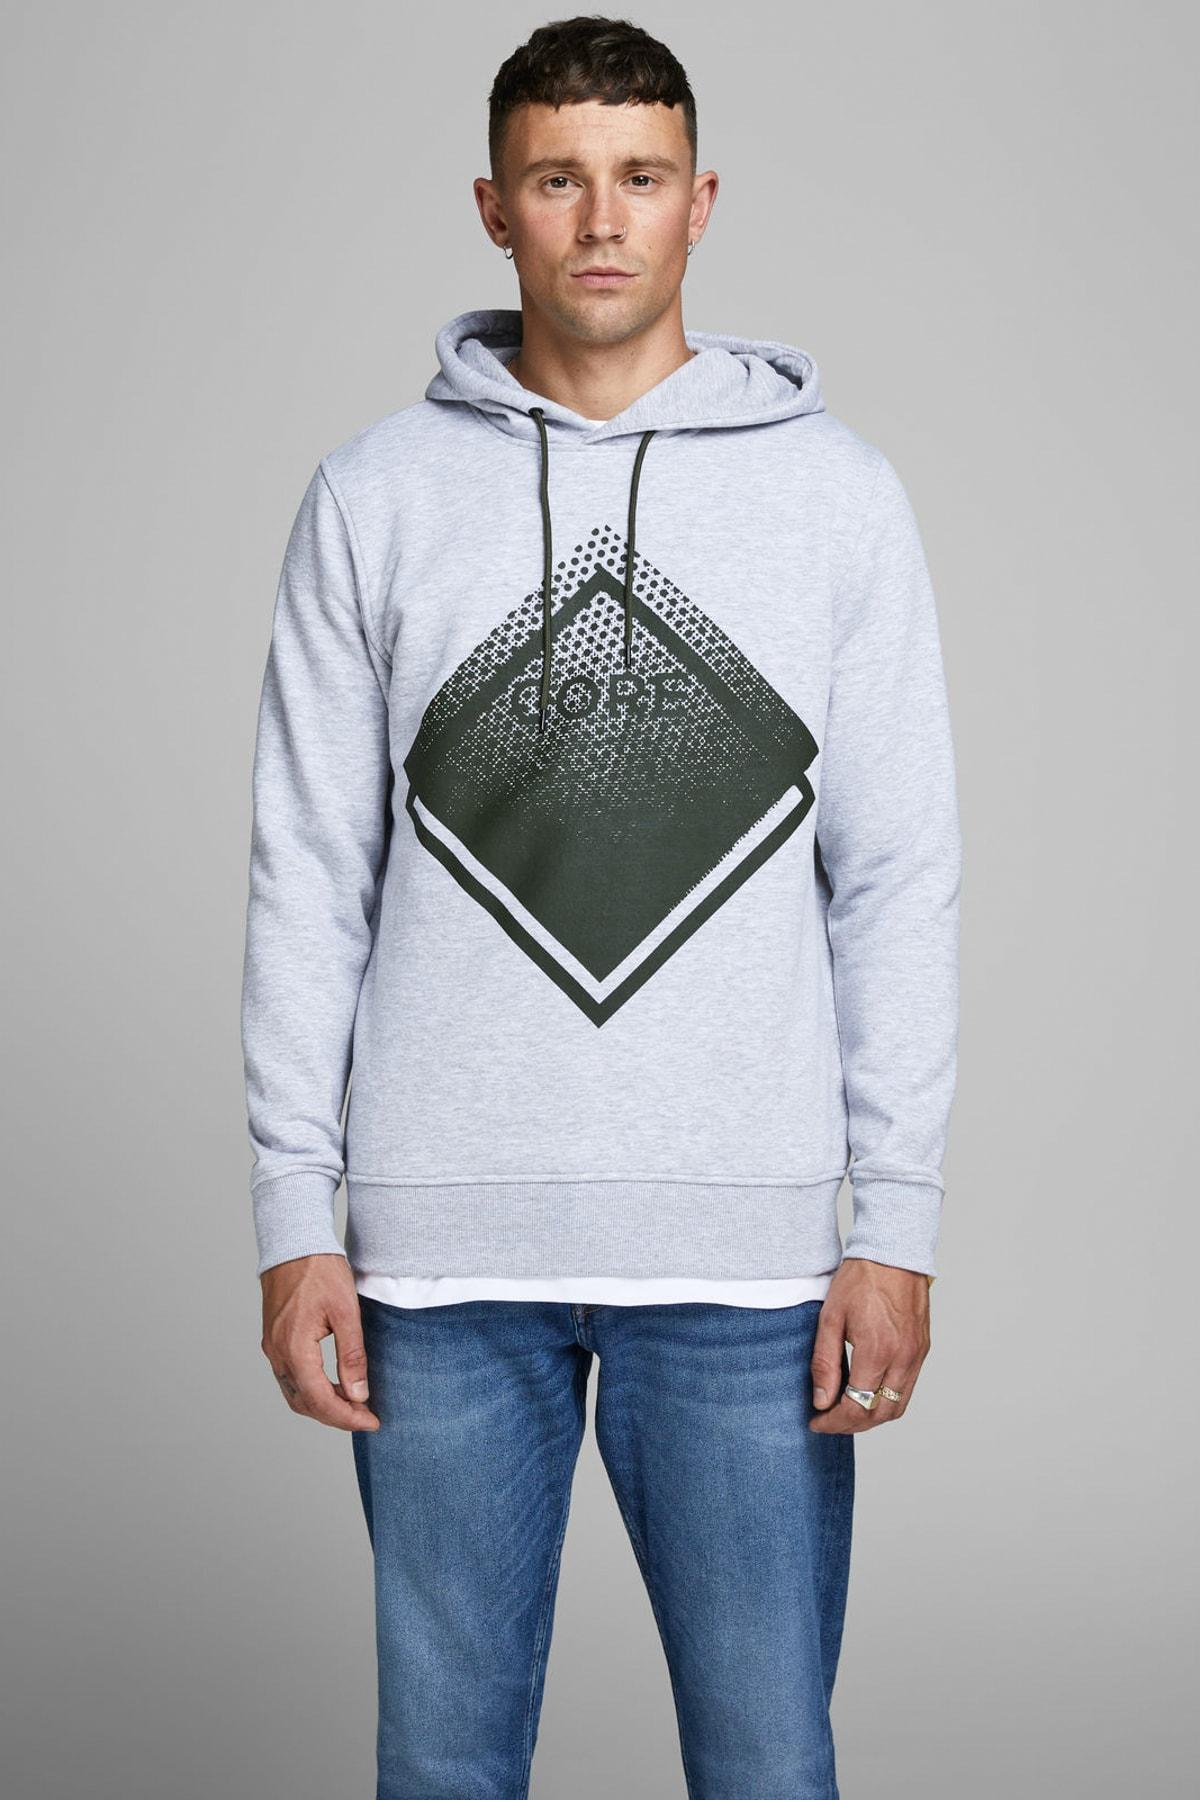 Jack & Jones Sweatshirt - Booster Core Sweat Hood 12165093 1